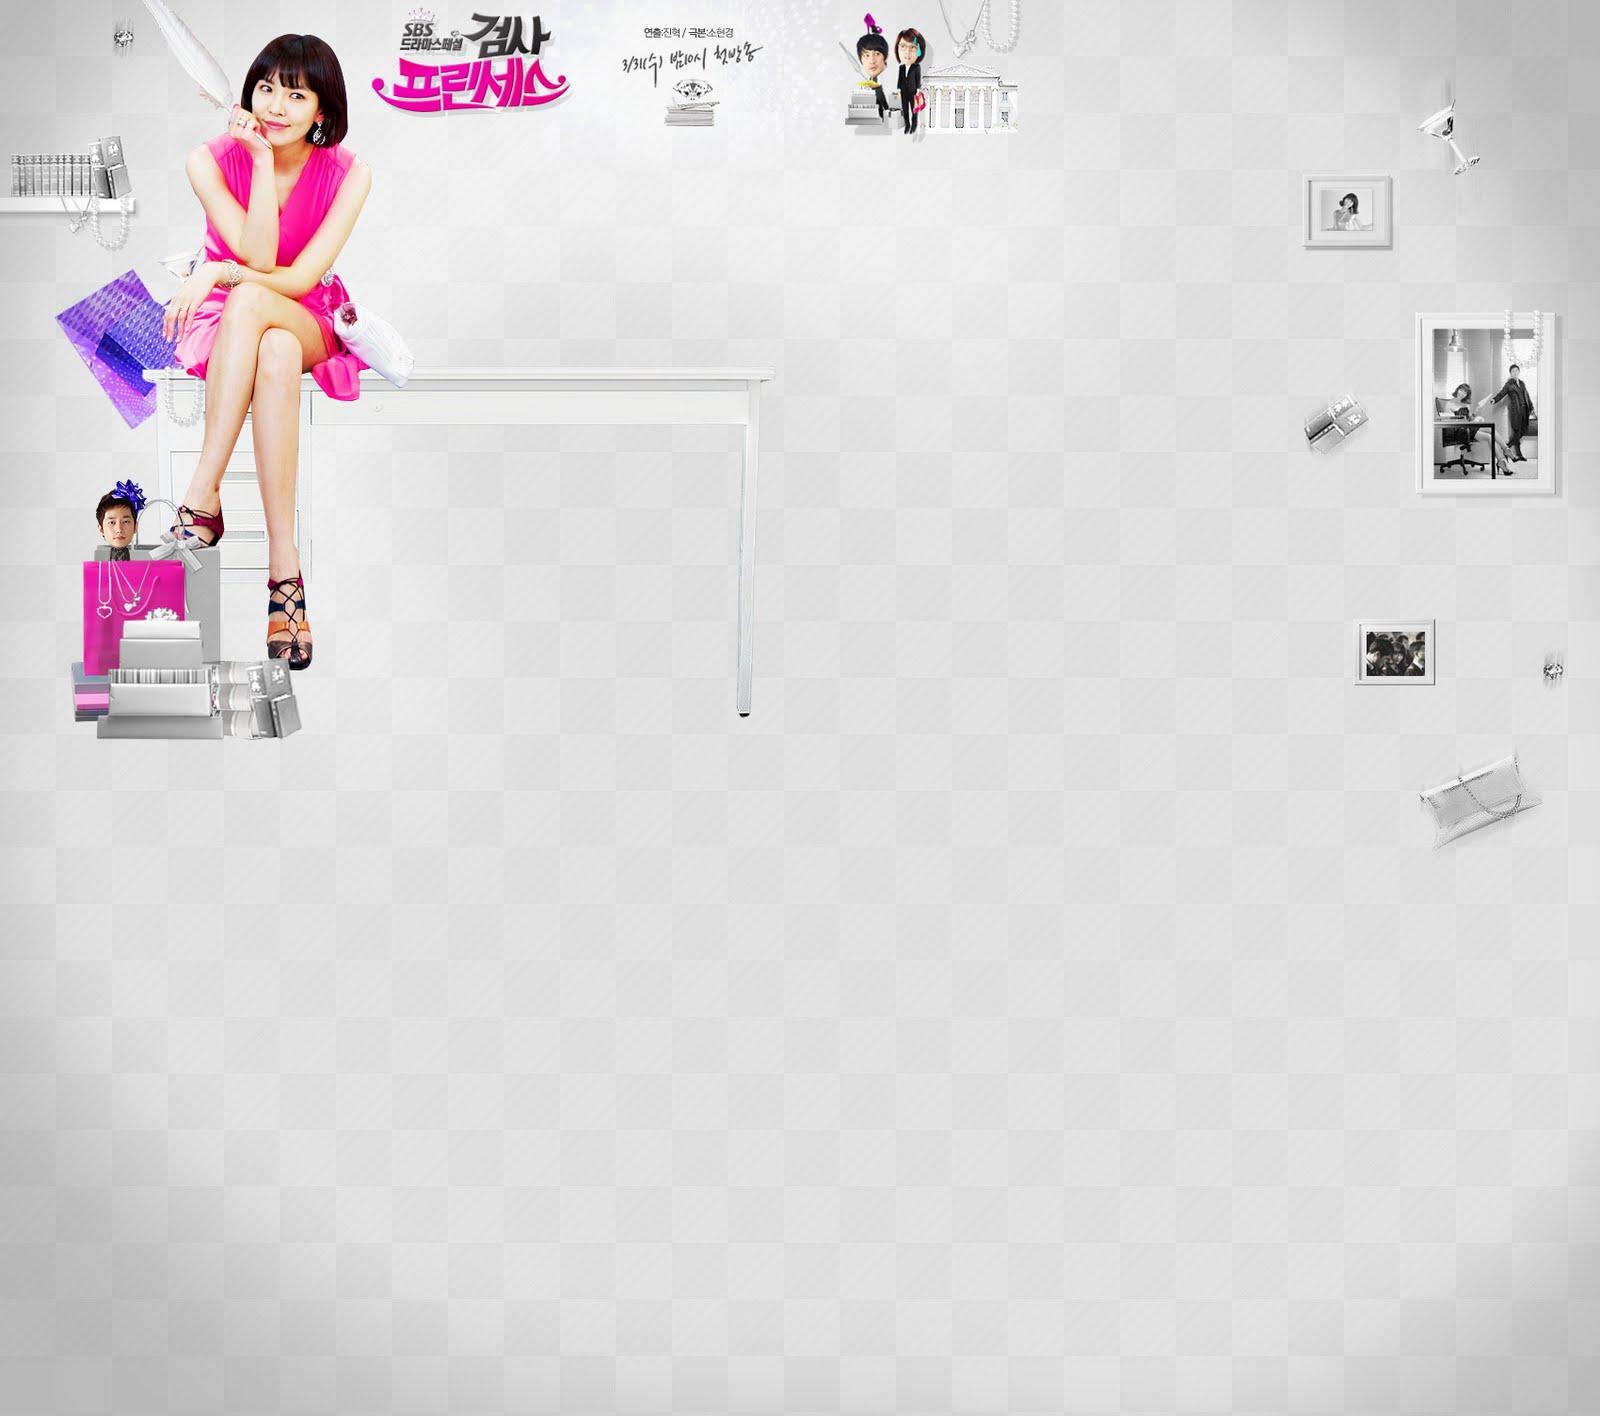 http://4.bp.blogspot.com/-WN_Wi7sDw2M/Tma0XinCFpI/AAAAAAAABWM/V1Pqd_CIqY4/s1600/wallpaper01.jpg